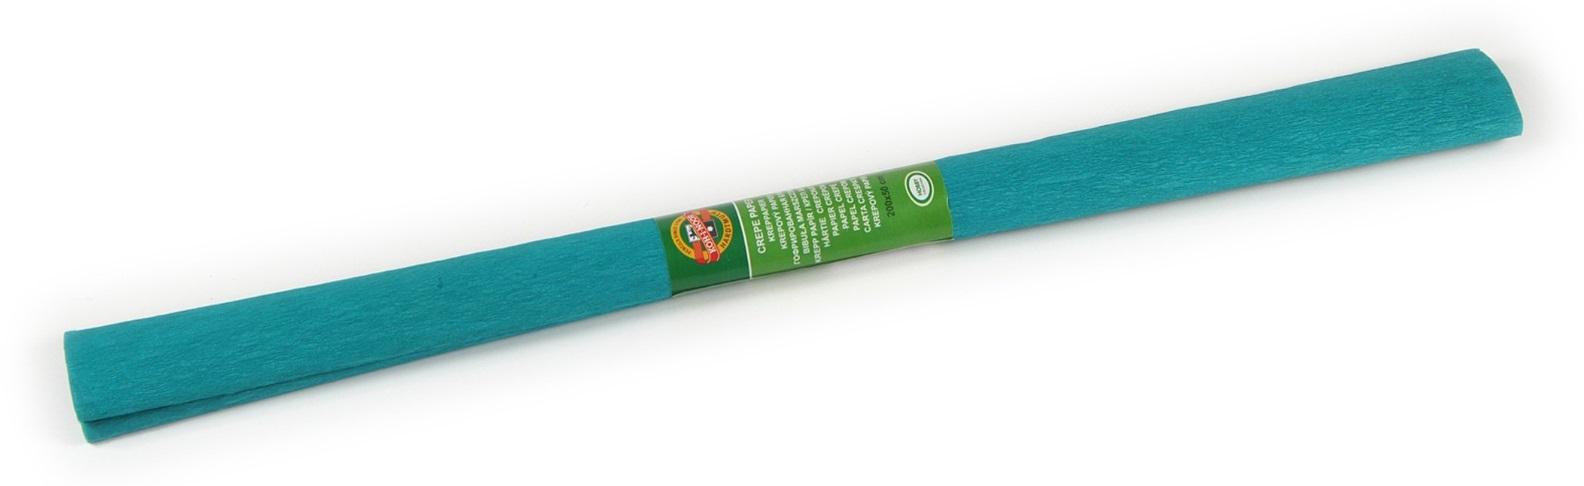 Krepový papír 50 x 200 cm, zelenomodrý, KOH-I-NOOR